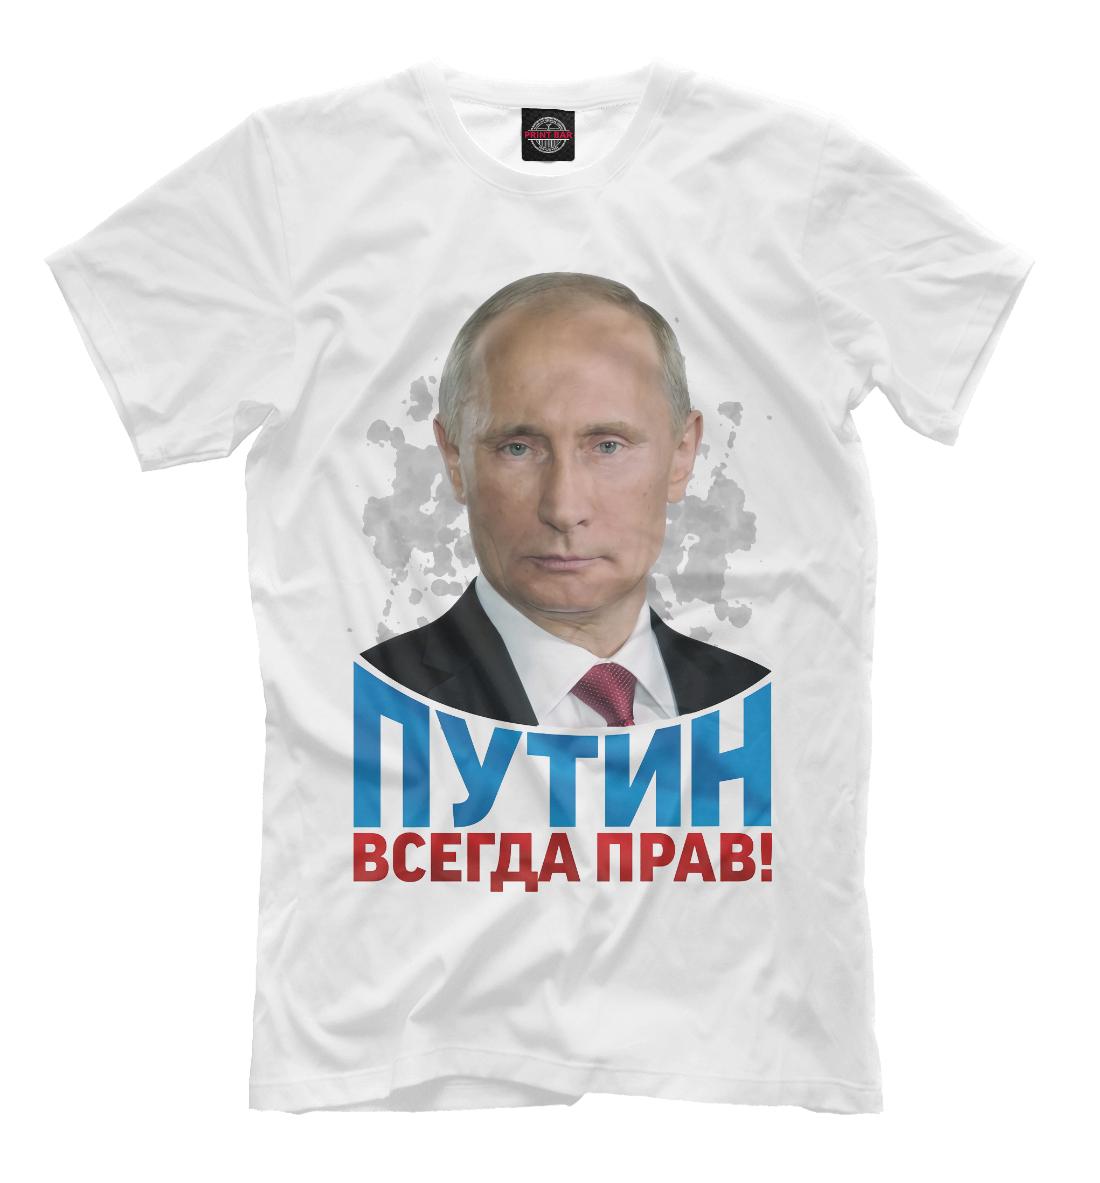 Купить Путин всегда прав, Printbar, Футболки, PUT-165611-fut-2